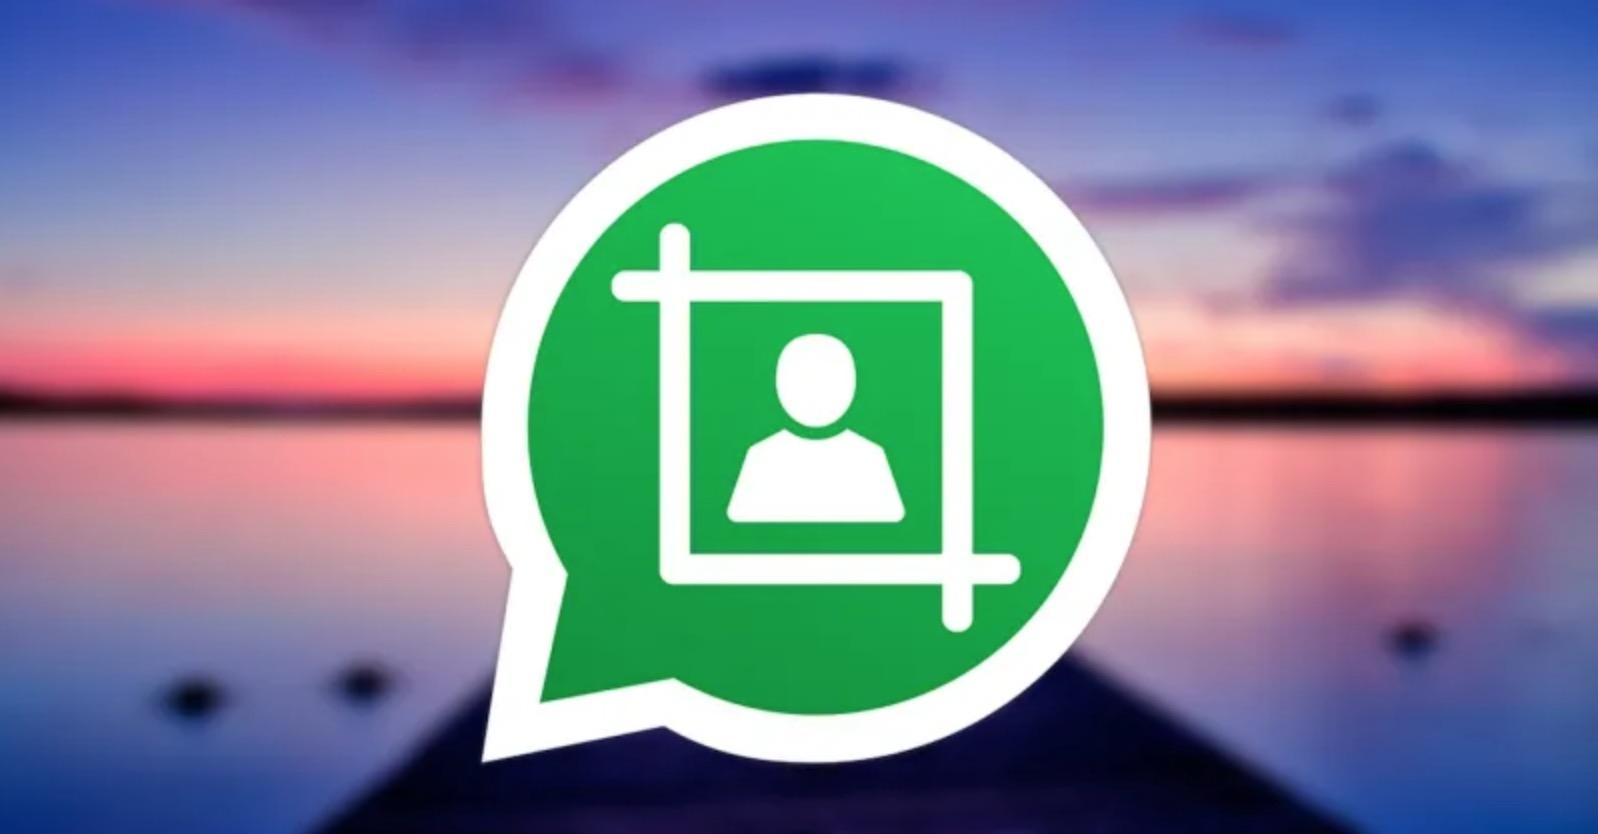 Trik sederhana untuk mengetahui dengan siapa Anda mengobrol lebih banyak di WhatsApp 1